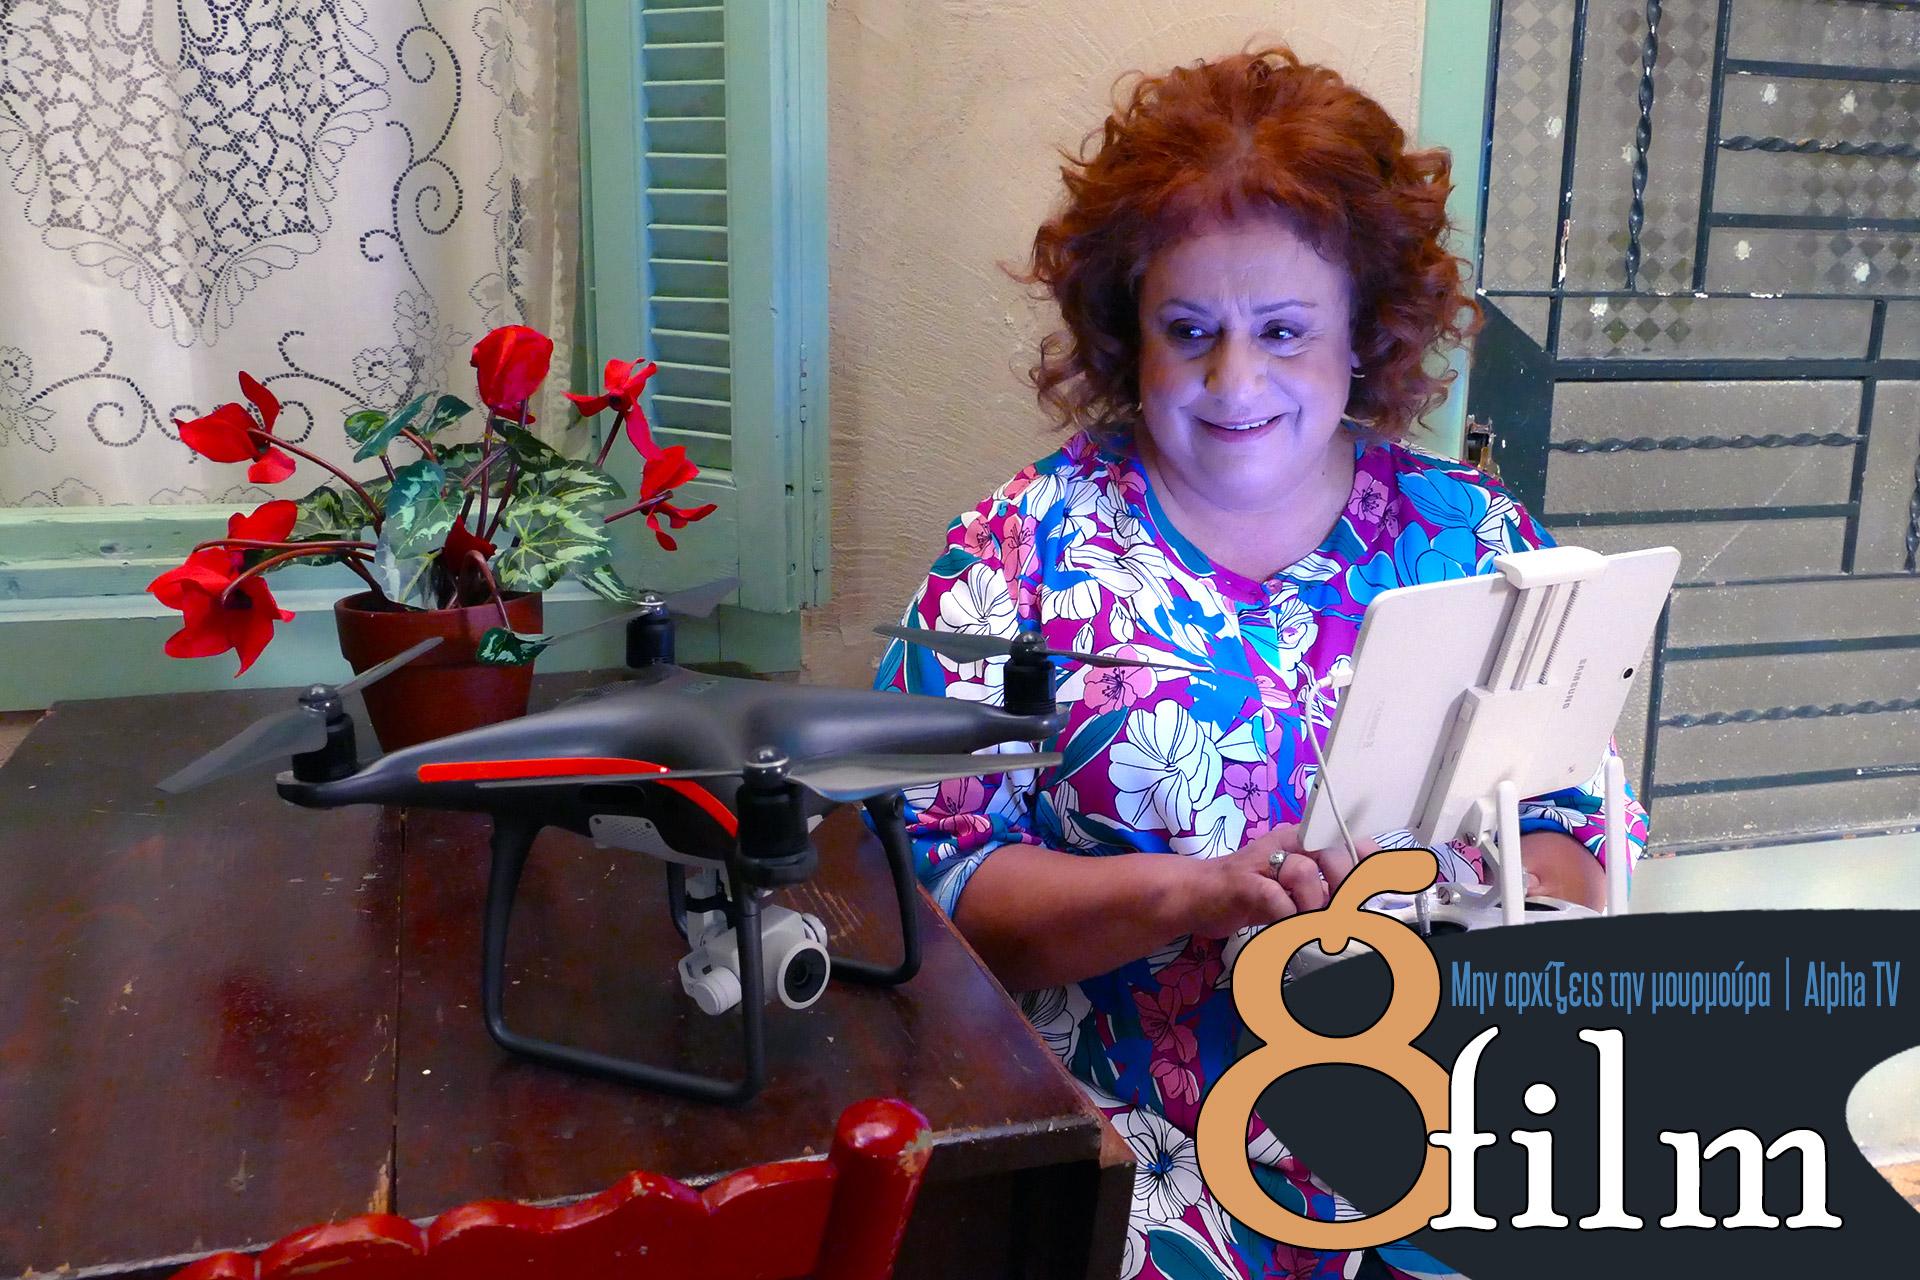 8FILM_mhn arxizeis thn mourmoura Giatrakos-Chris-Drone